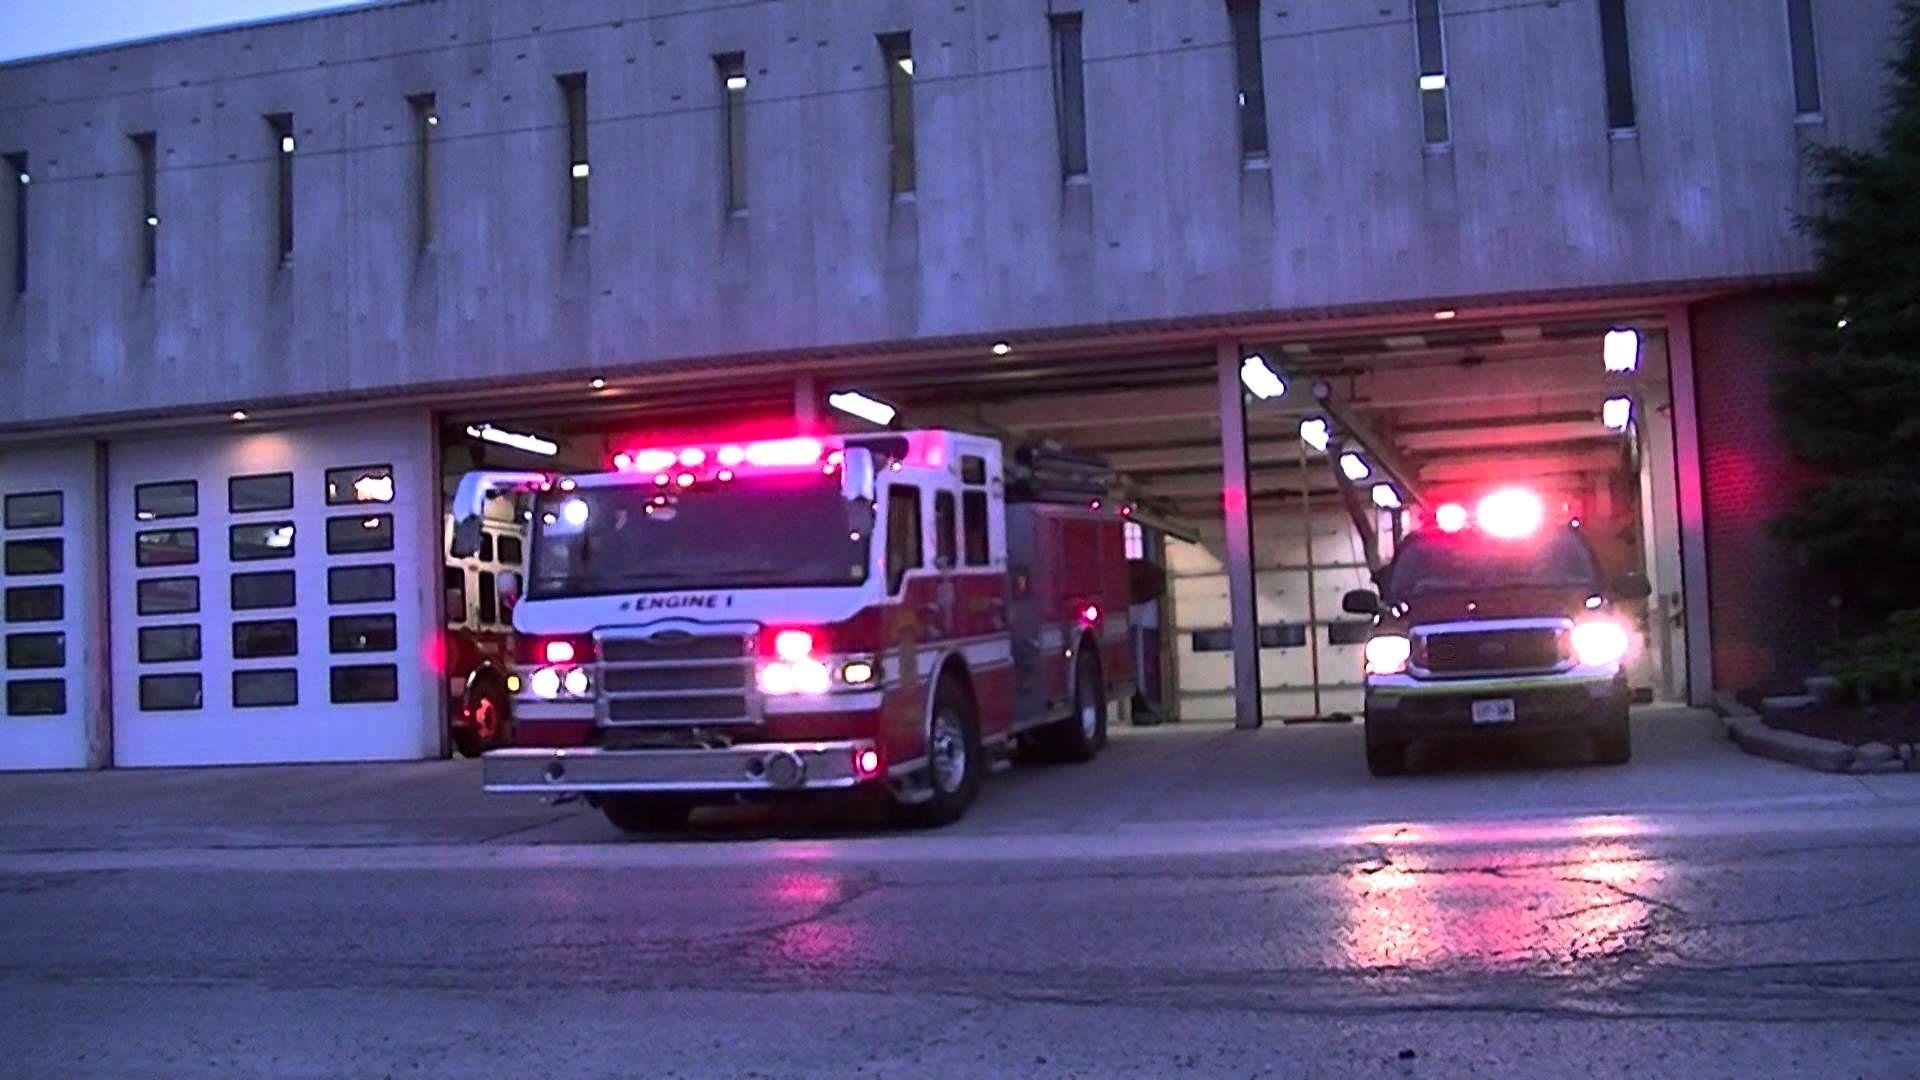 Fire Trucks Fire Station Fire Rescue